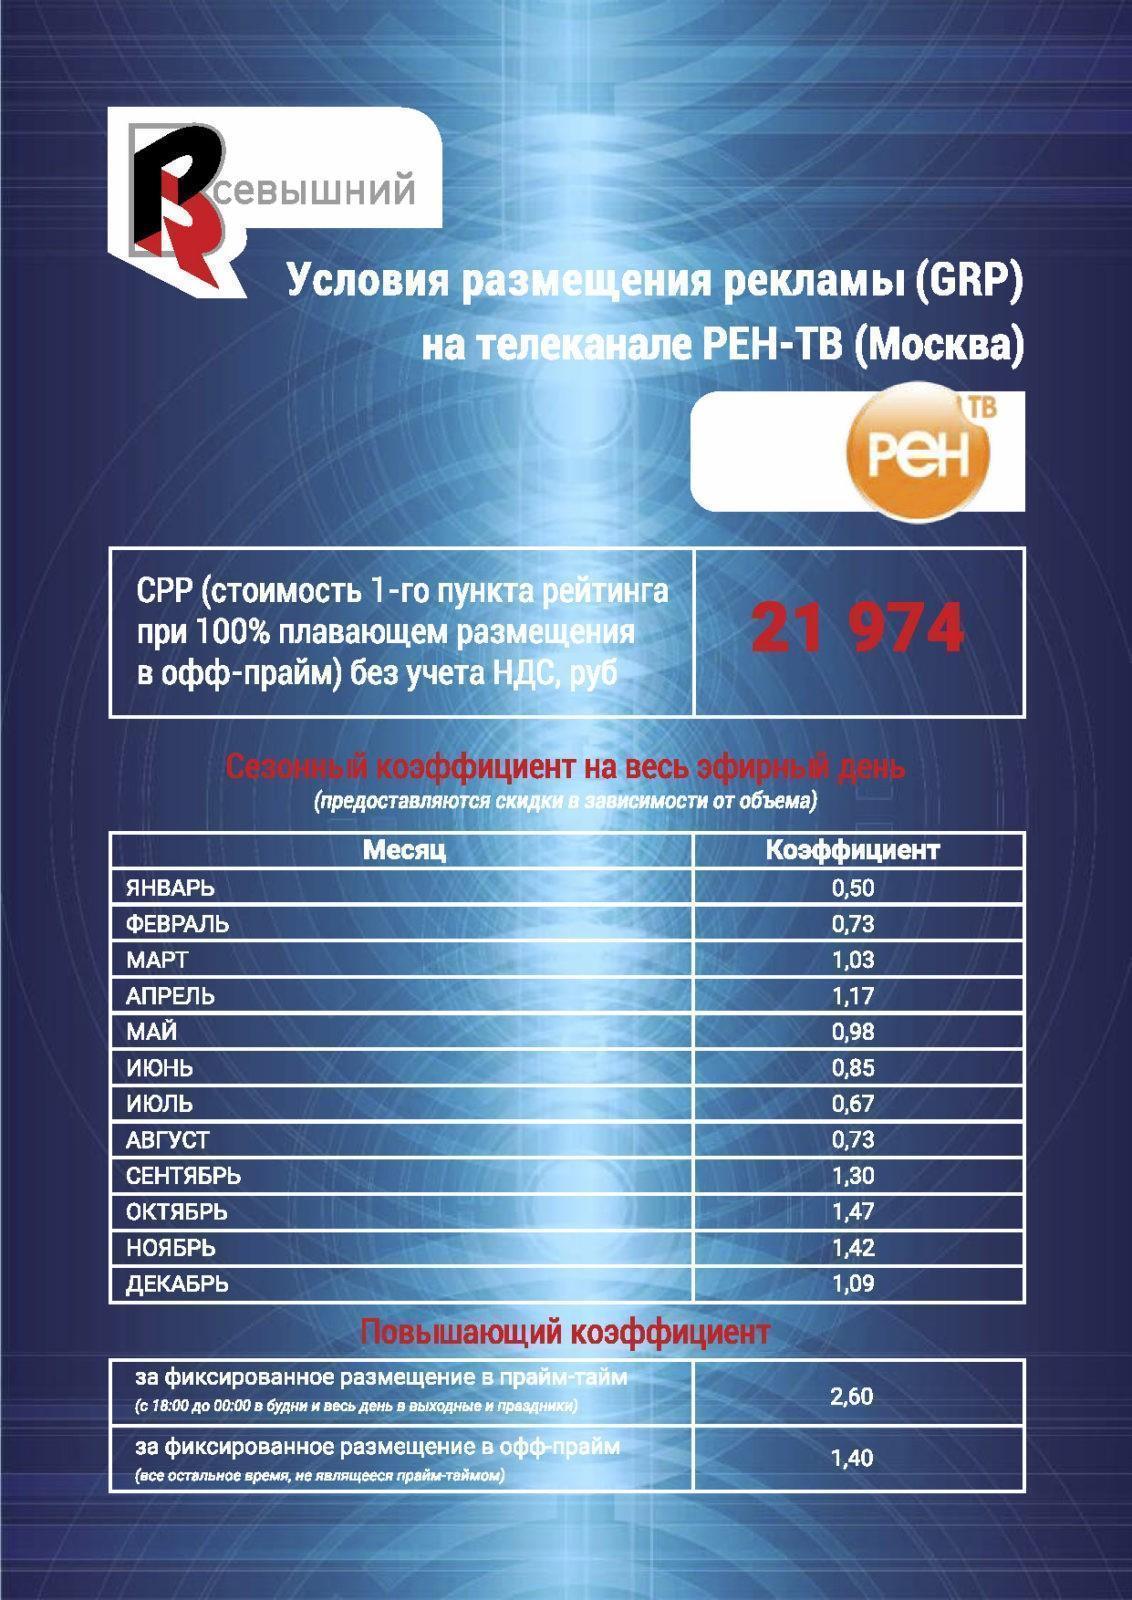 Реклама на РЕН ТВ